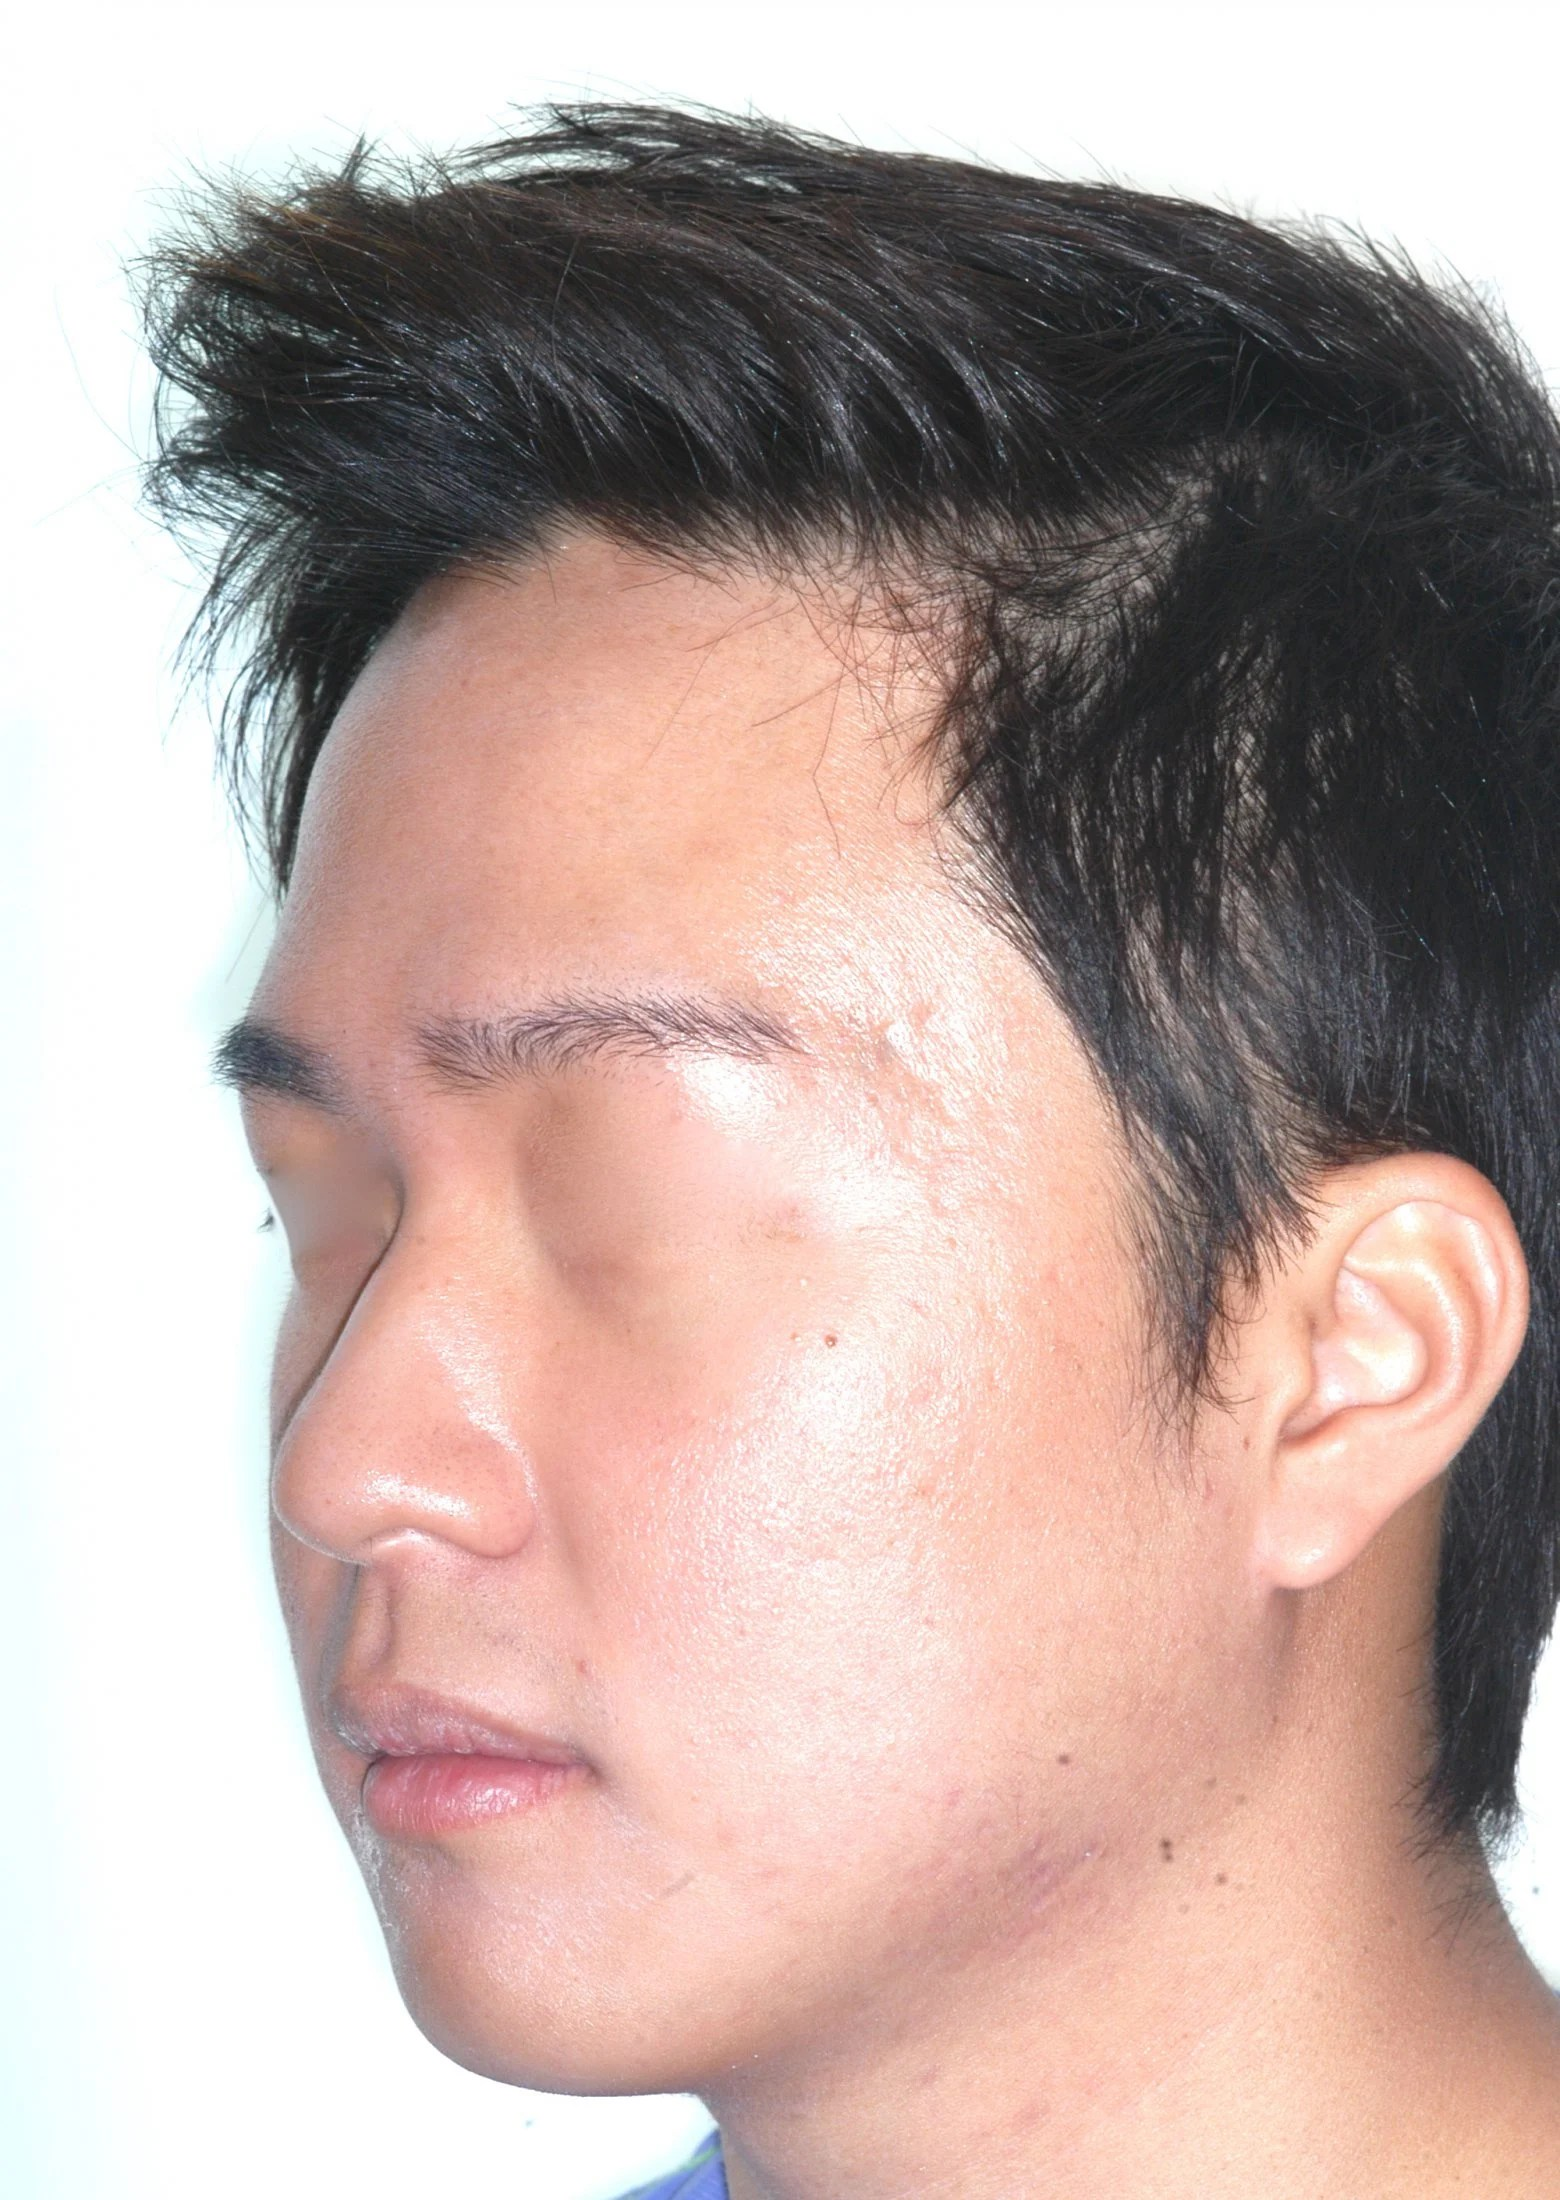 bob haircut jawline